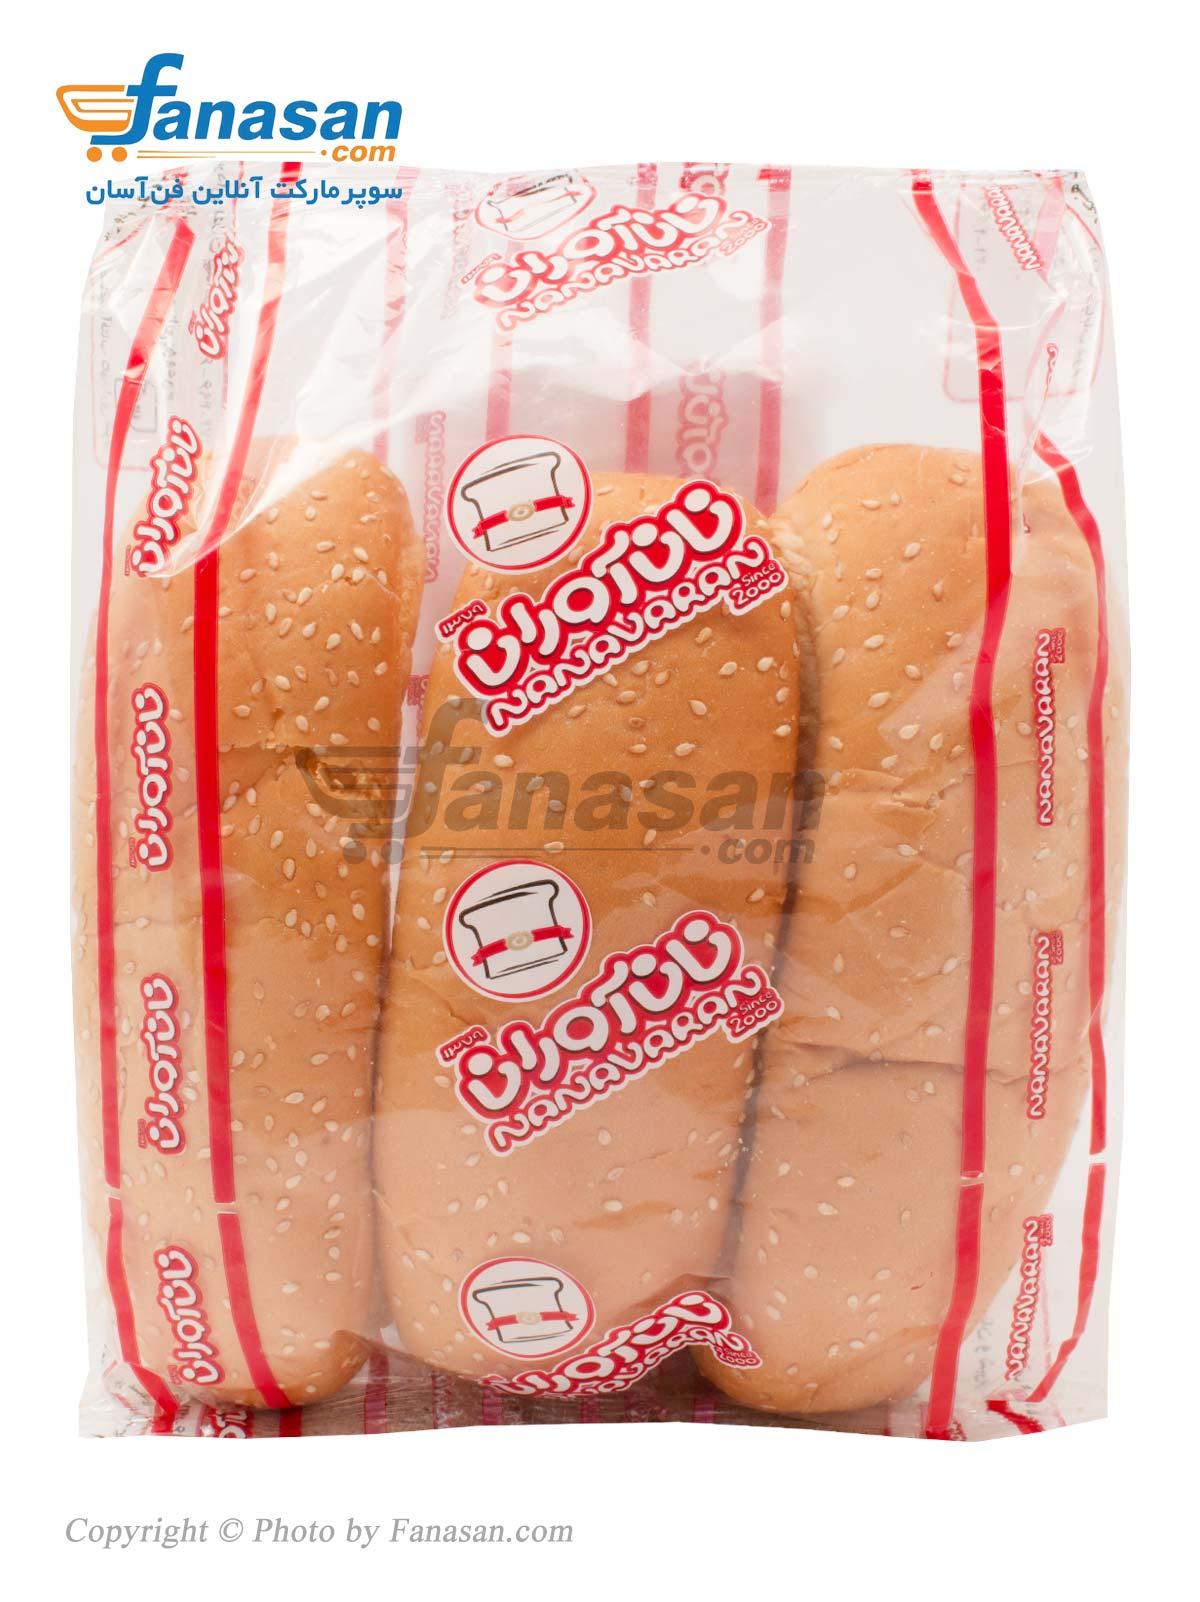 نان حجیم نان آوران با تزیین کنجد هات داگ 3 عددی 200 گرم